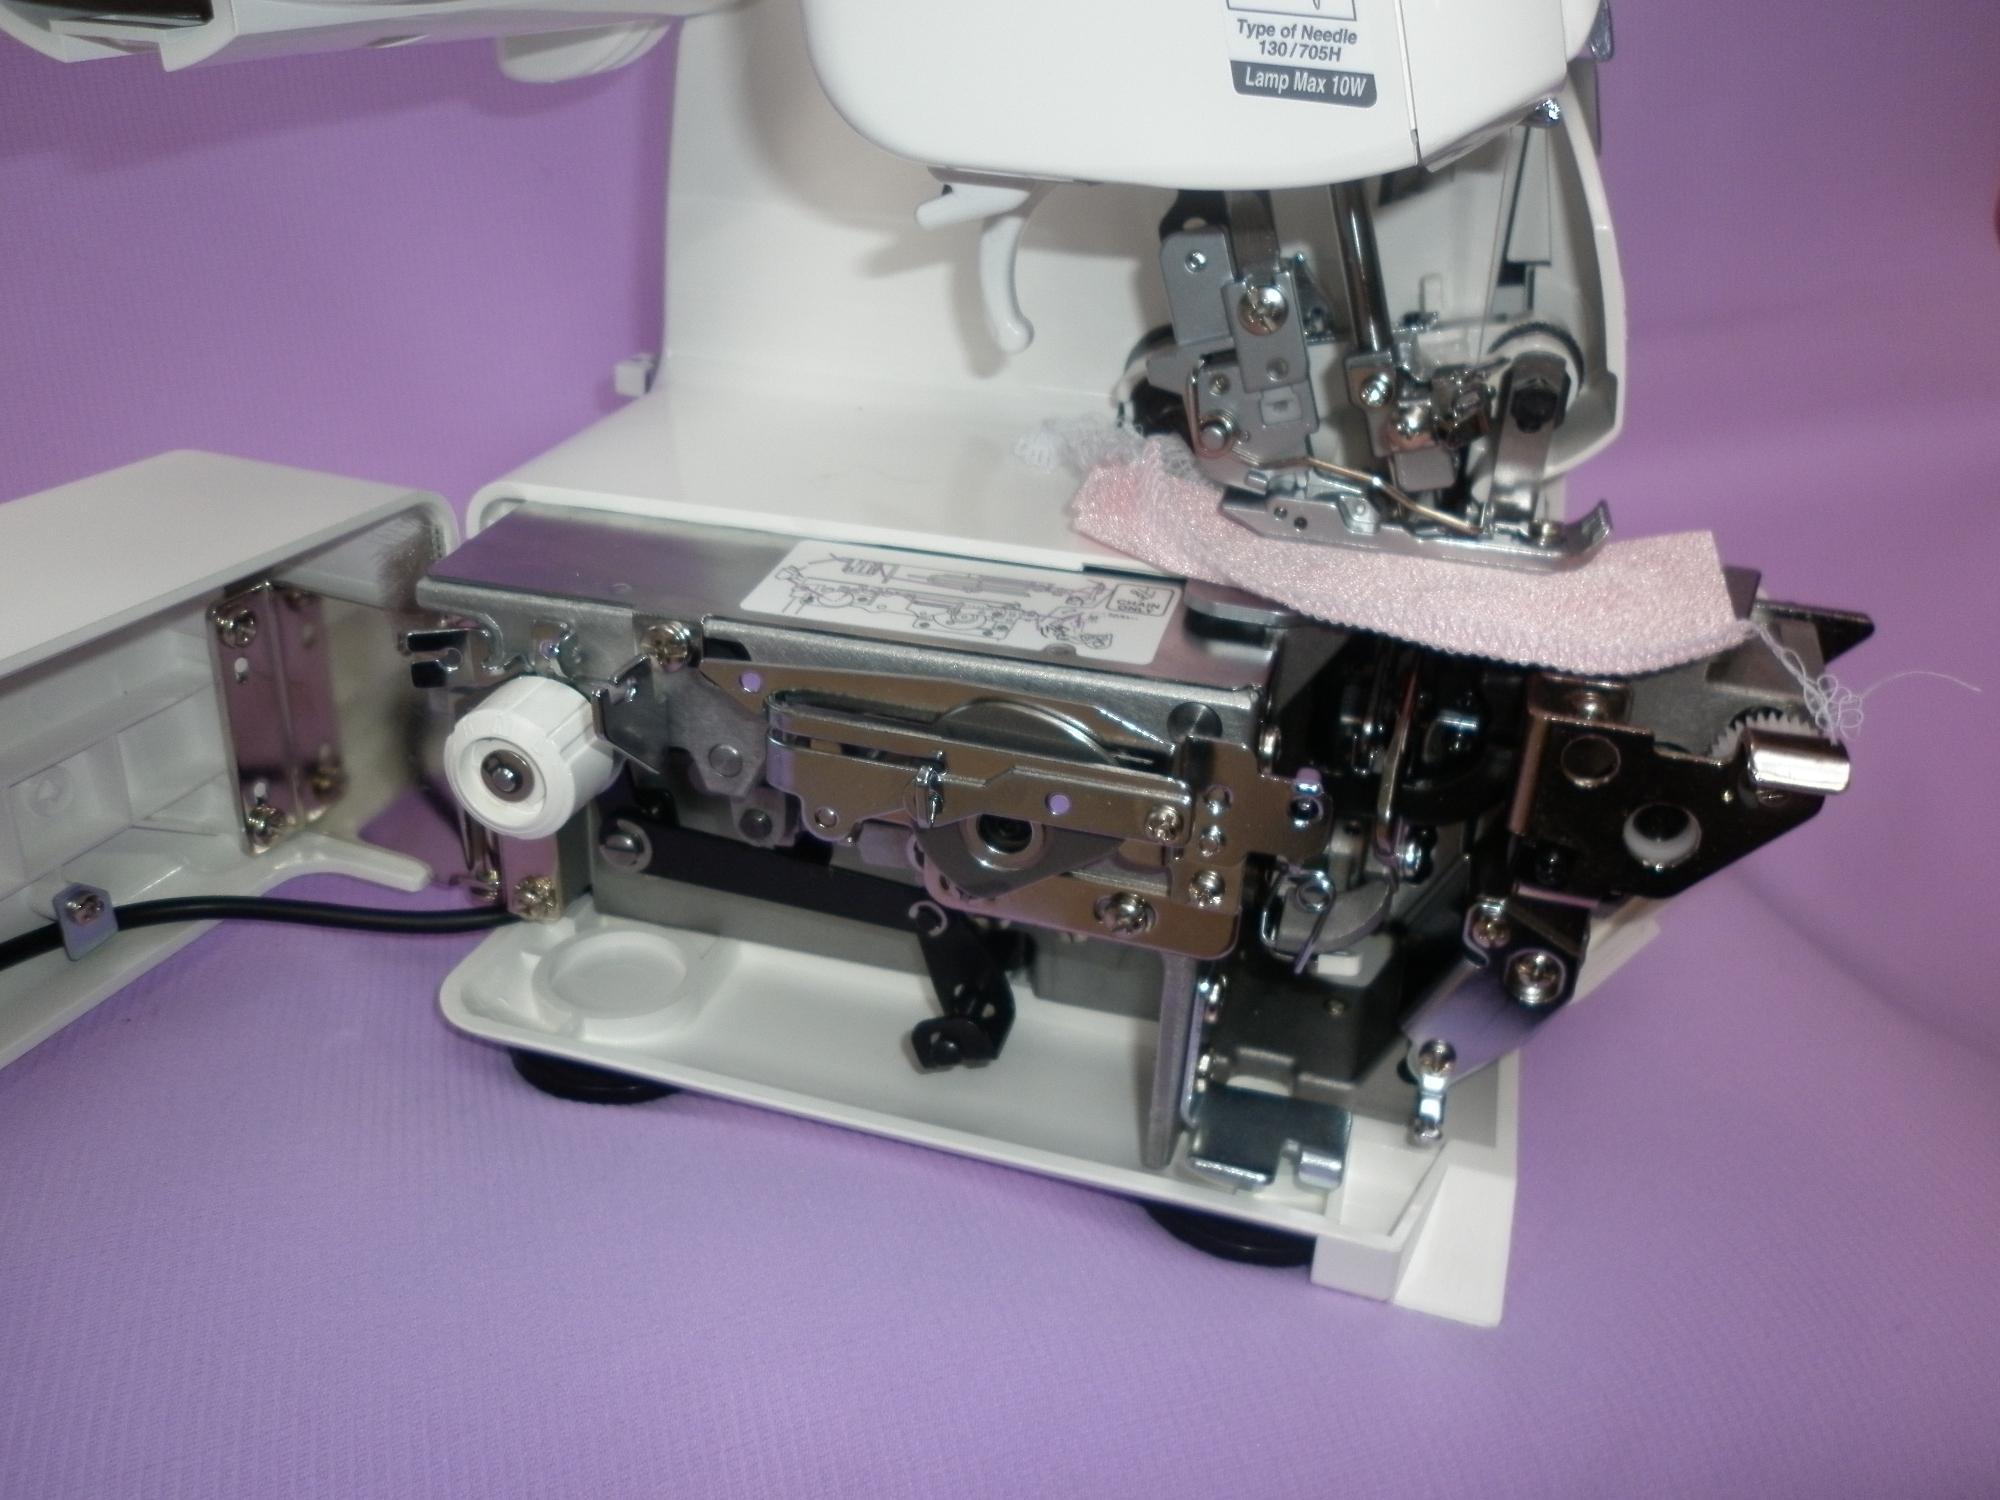 Коверлок JUKI MO 735 ( оверлок - плоскошовная распошивальная швейная машина ), пятиниточный оверлок JUKI.